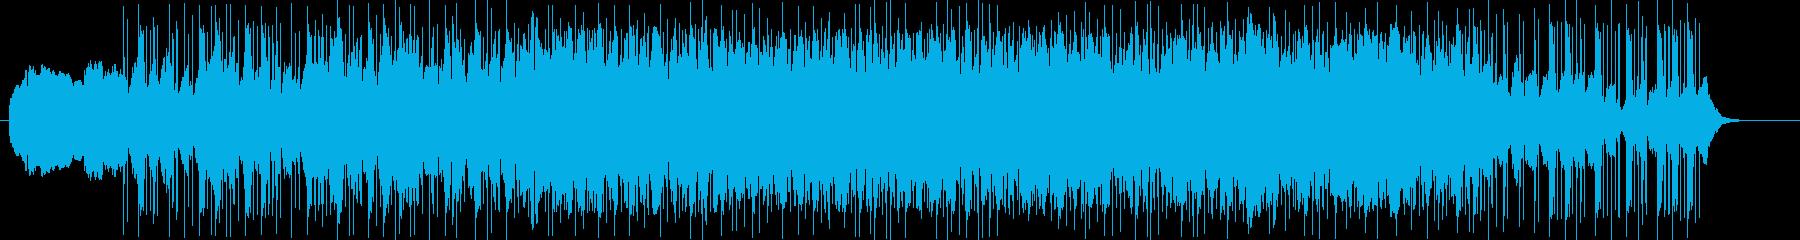 不安渦巻く音の再生済みの波形